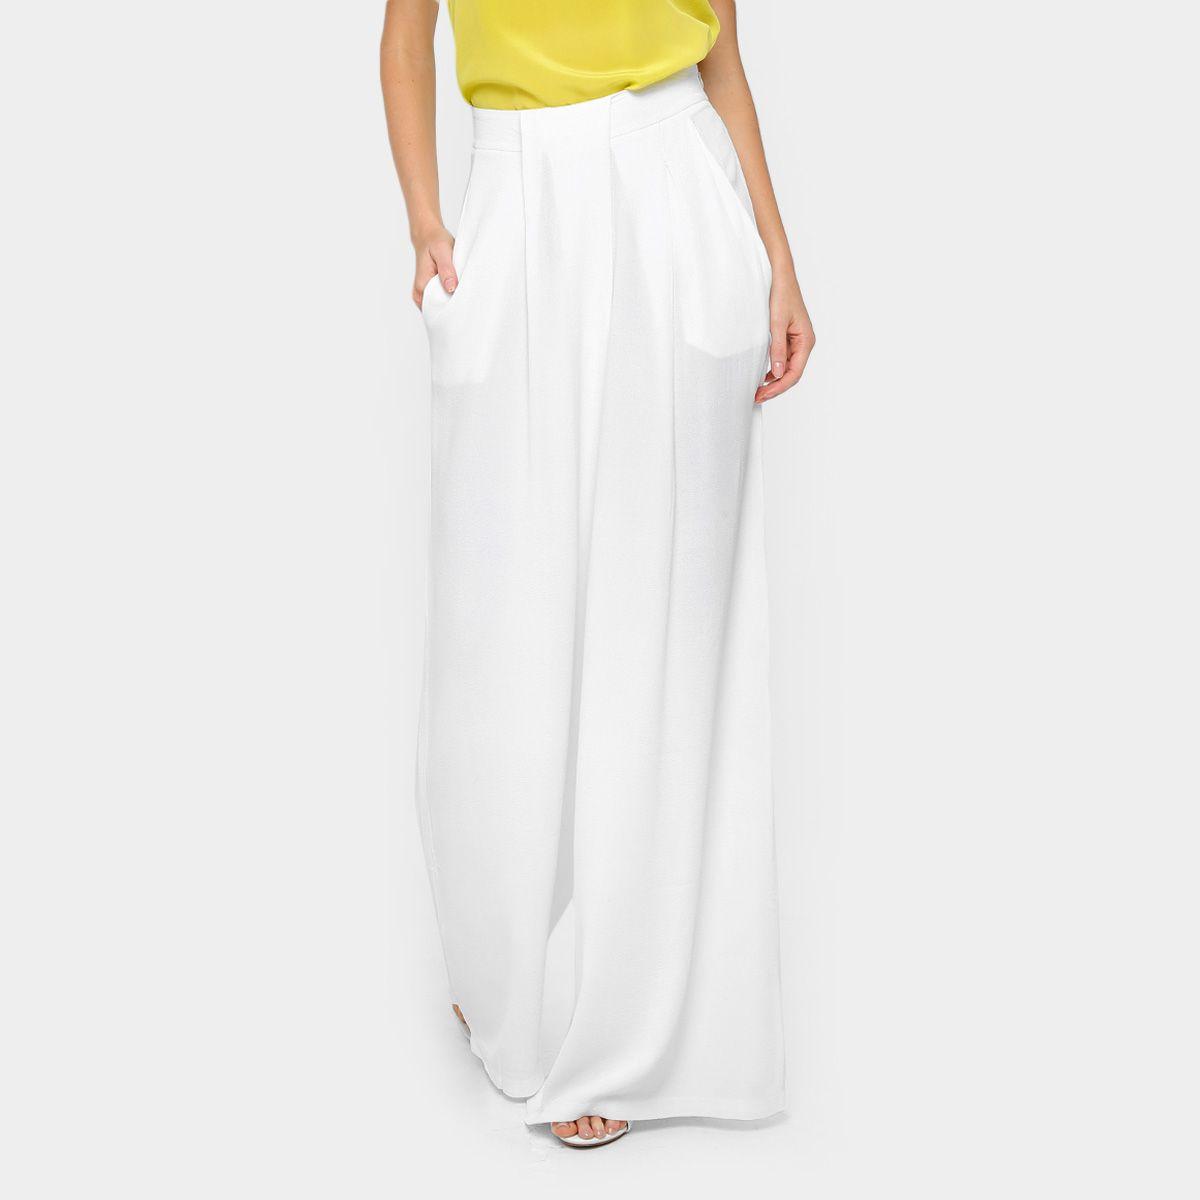 43695d0c9 Calça Pantalona Forum Cintura Alta Feminina - Off White [CLIQUE EM VISITAR]